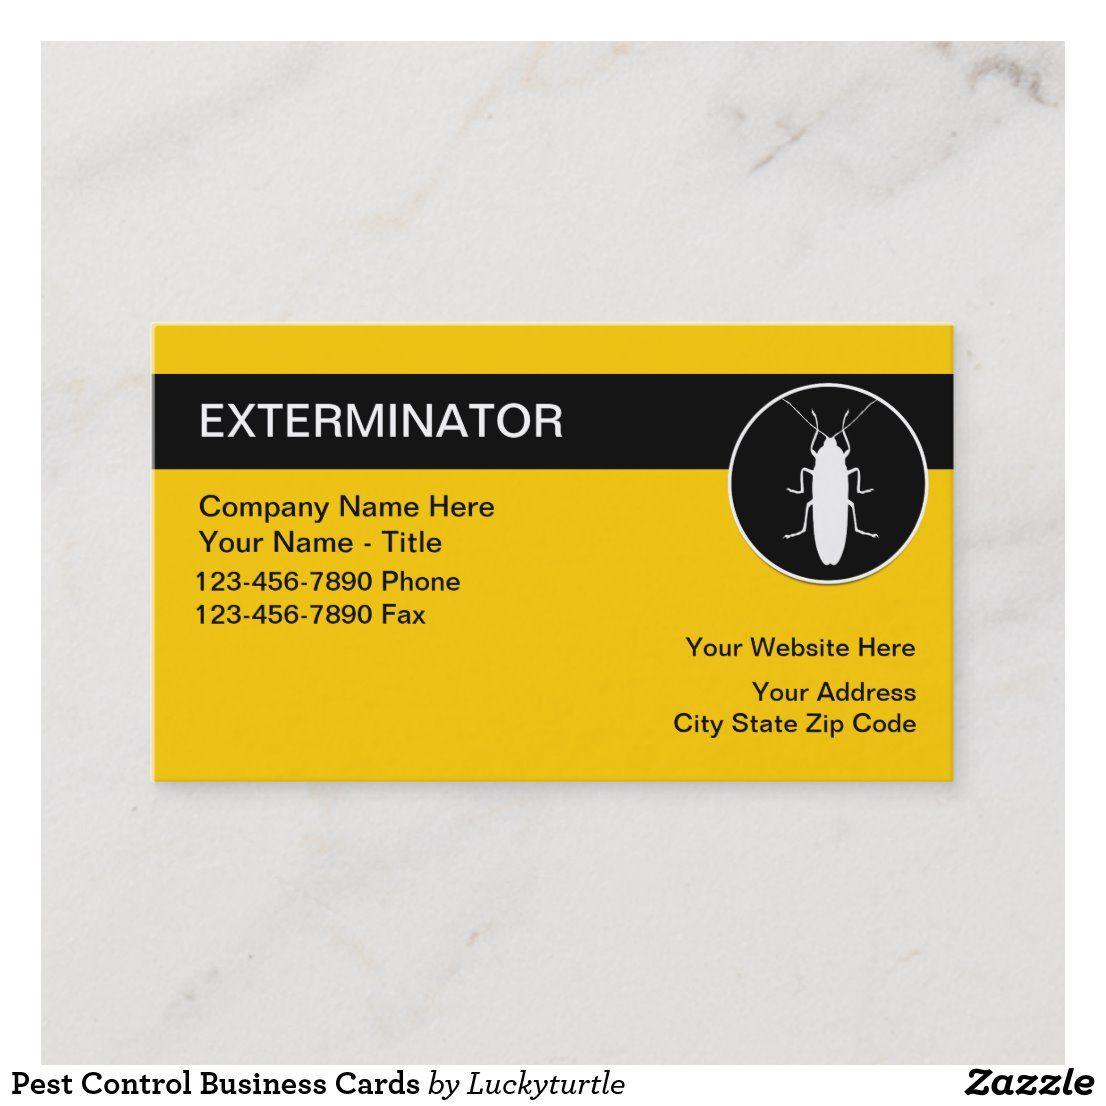 Pest Control Business Cards Zazzle Com Pest Control Pests Business Cards